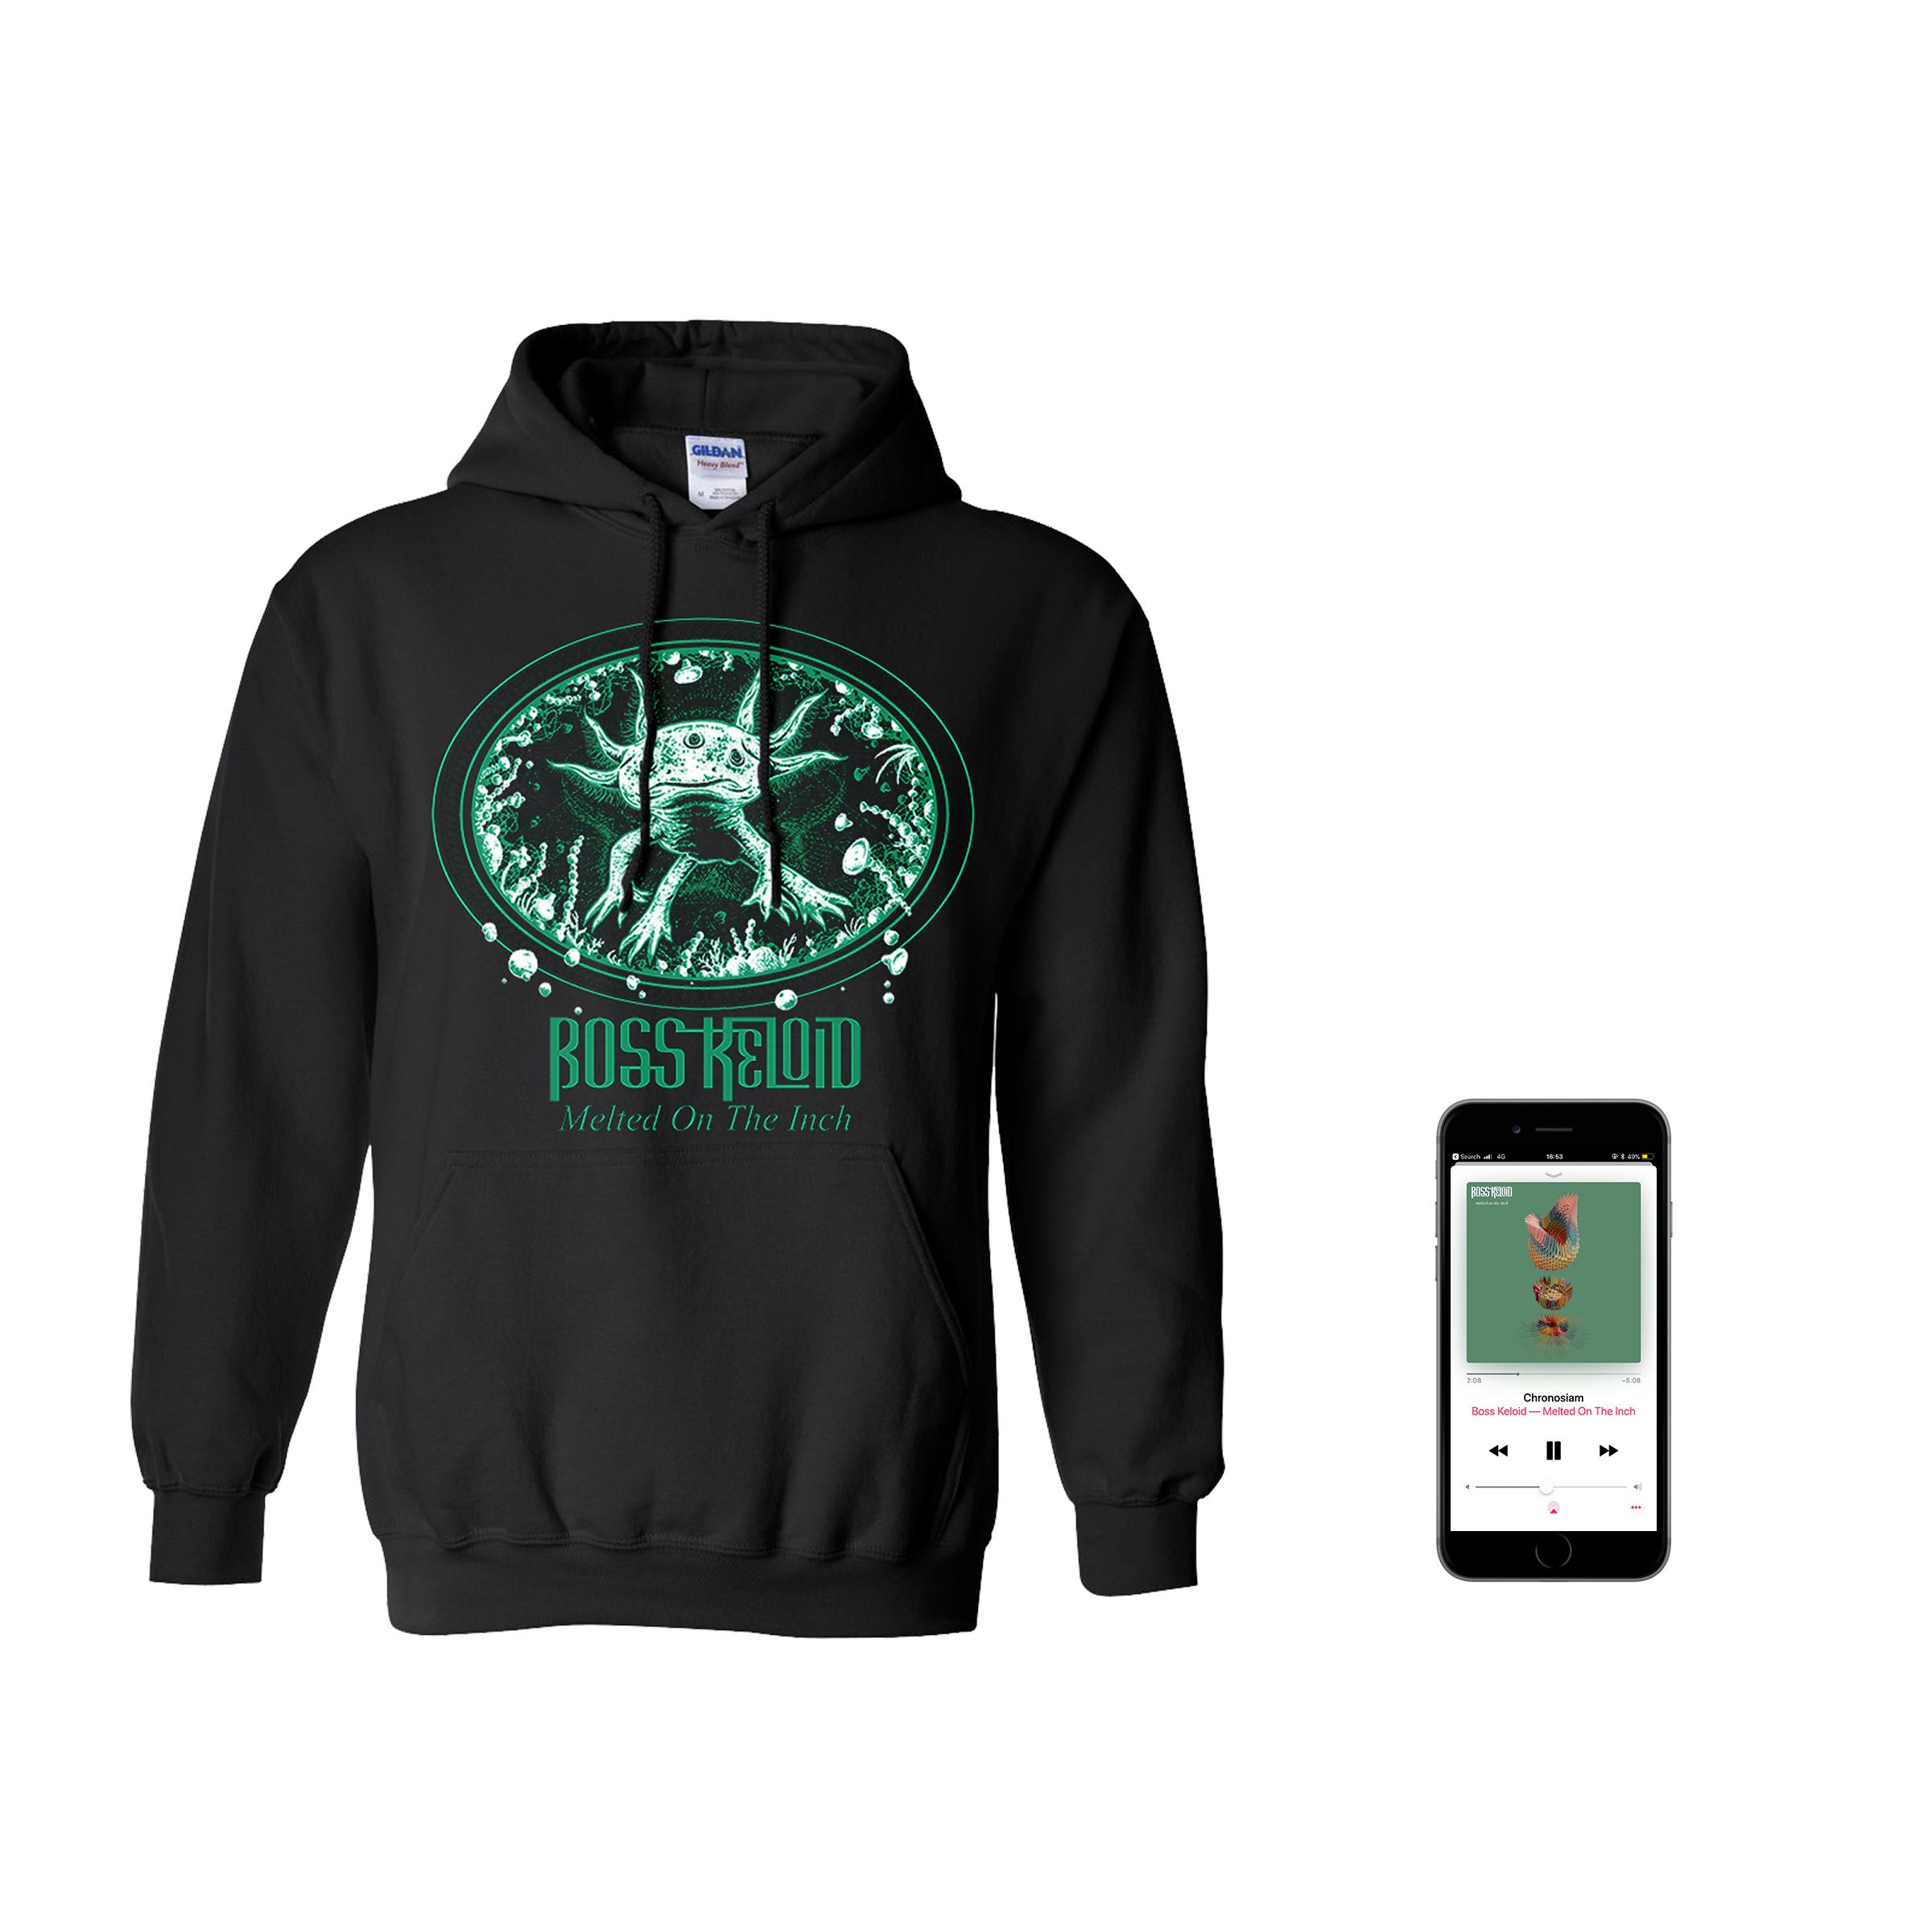 Boss Keloid 'Melted...' Axolotl hoodie + digital download